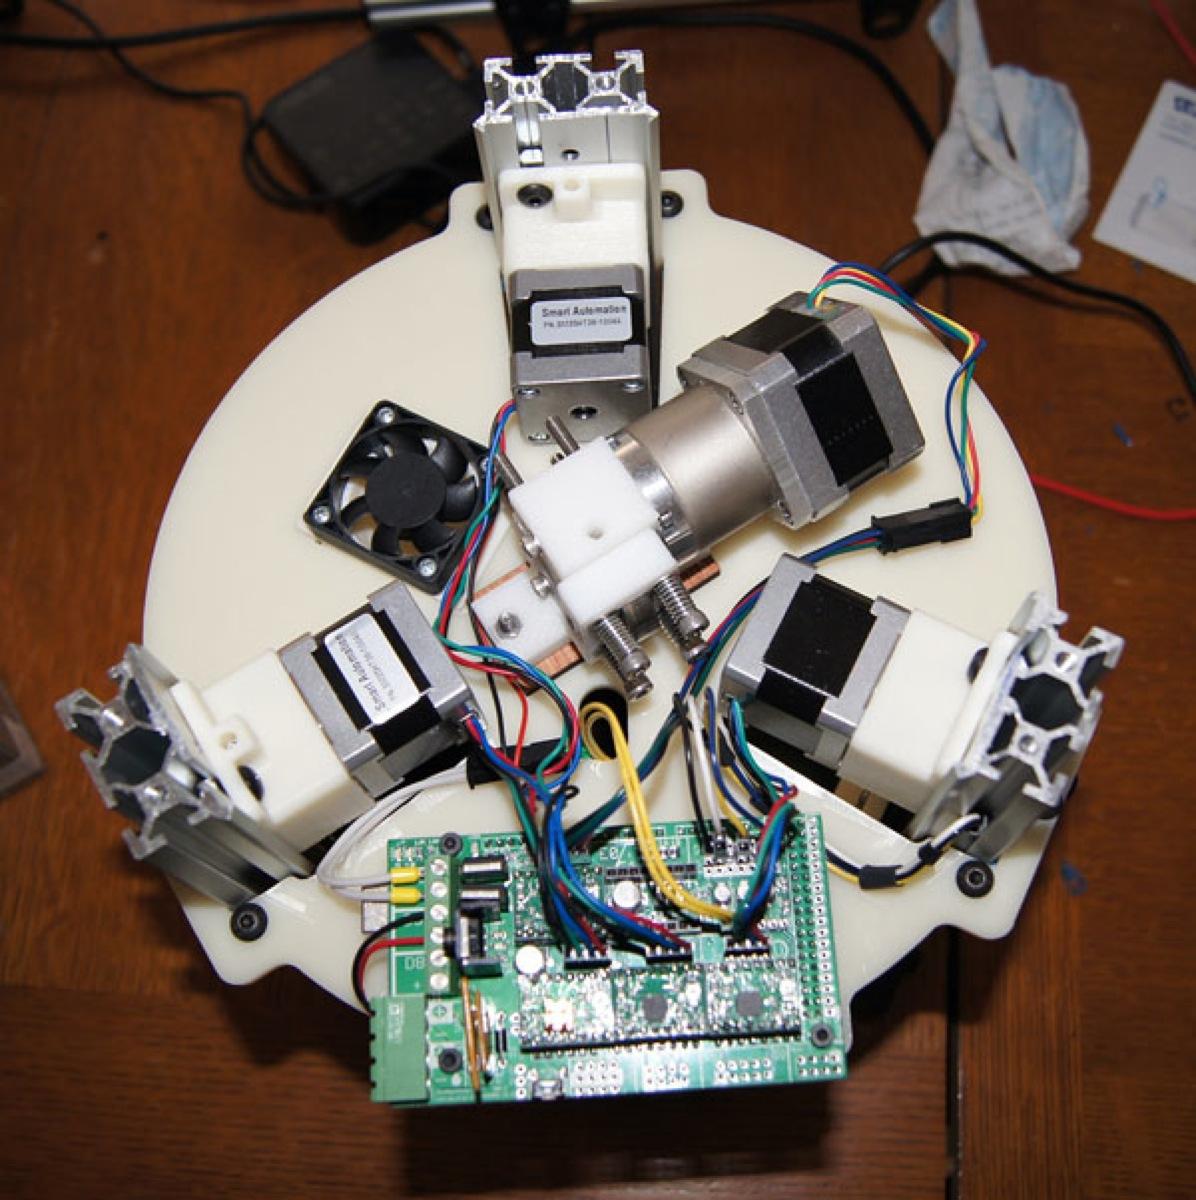 Qm electronics